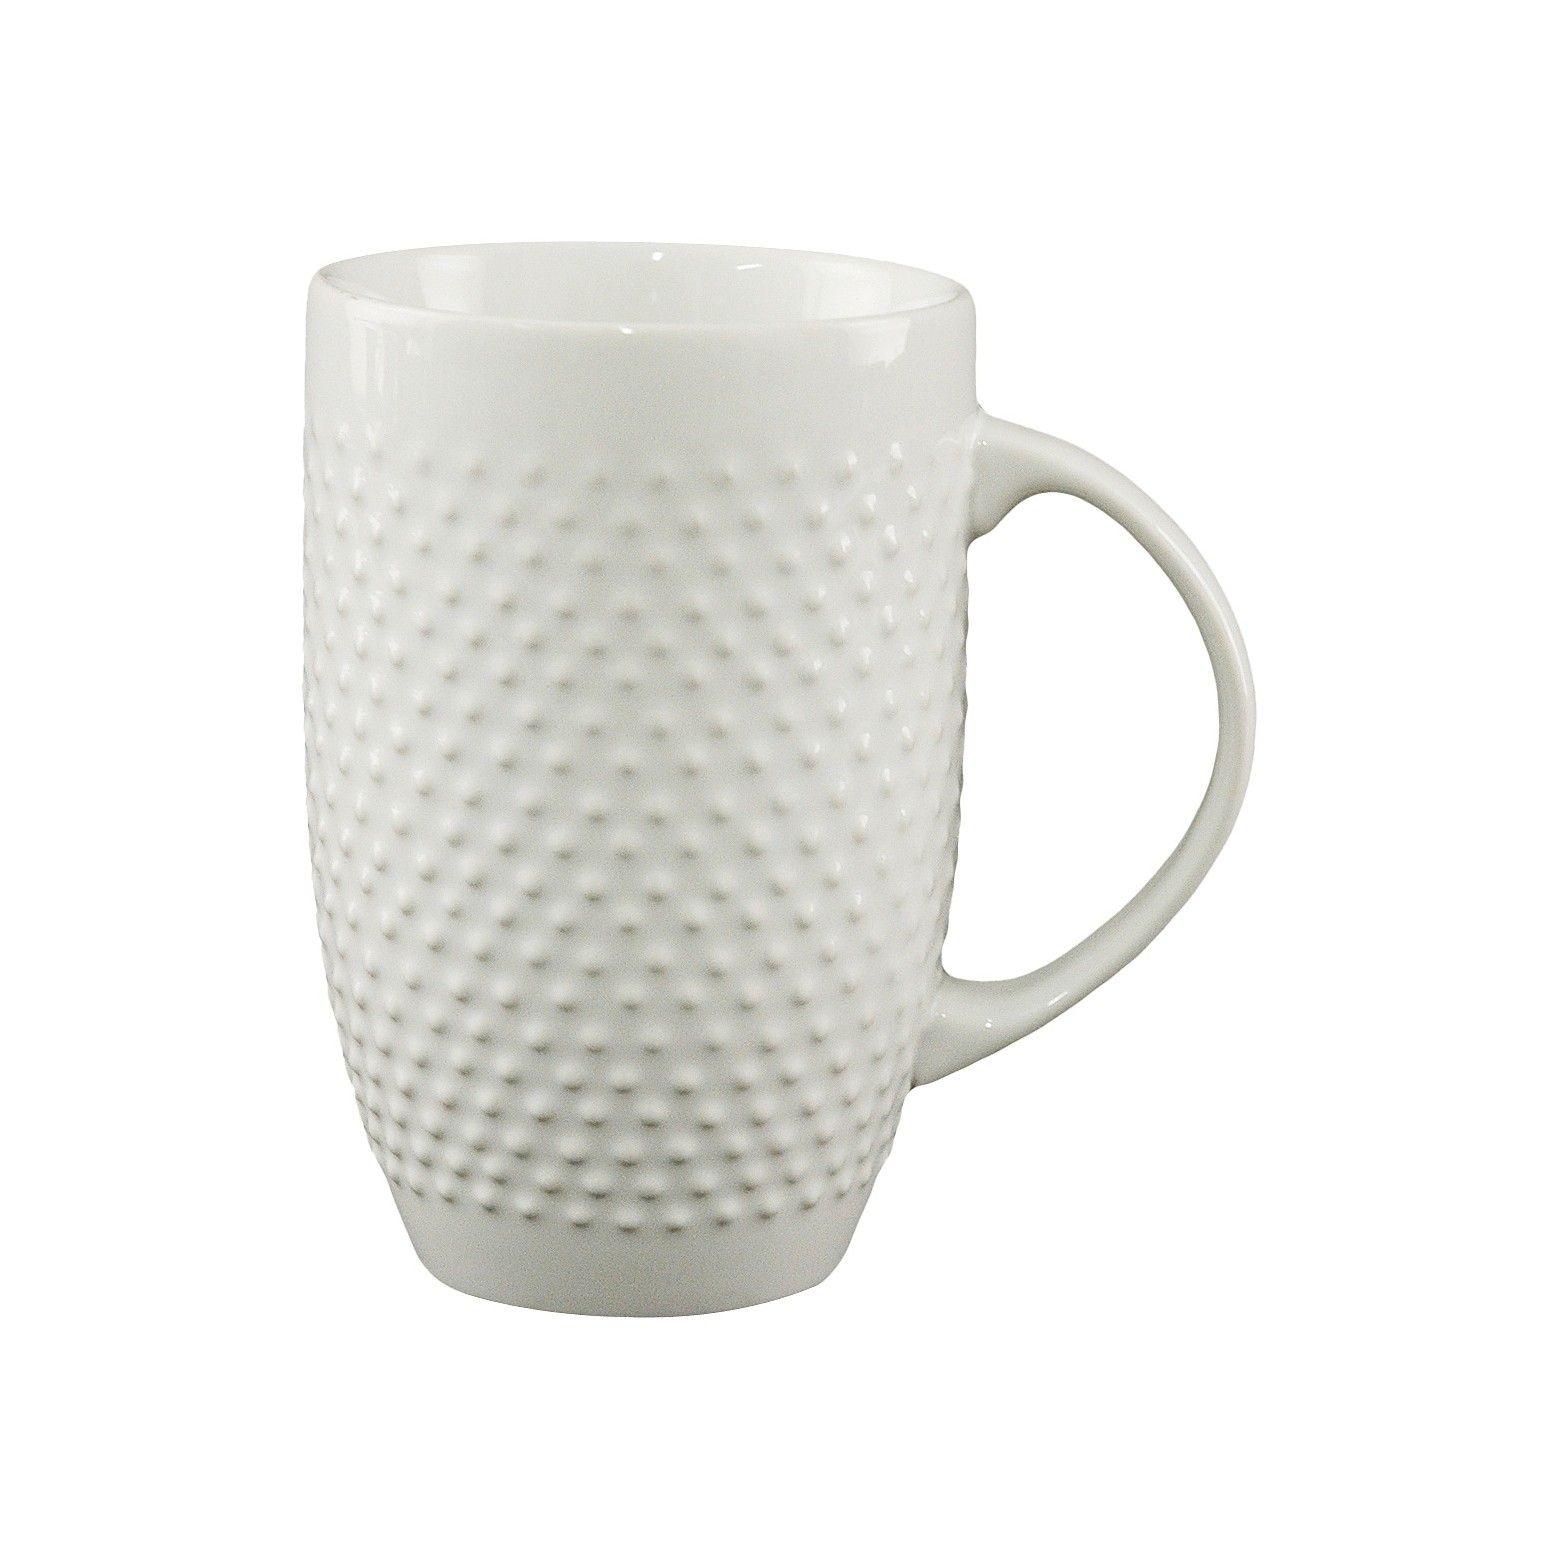 All Over Beaded Mug 20oz White Threshold™ White